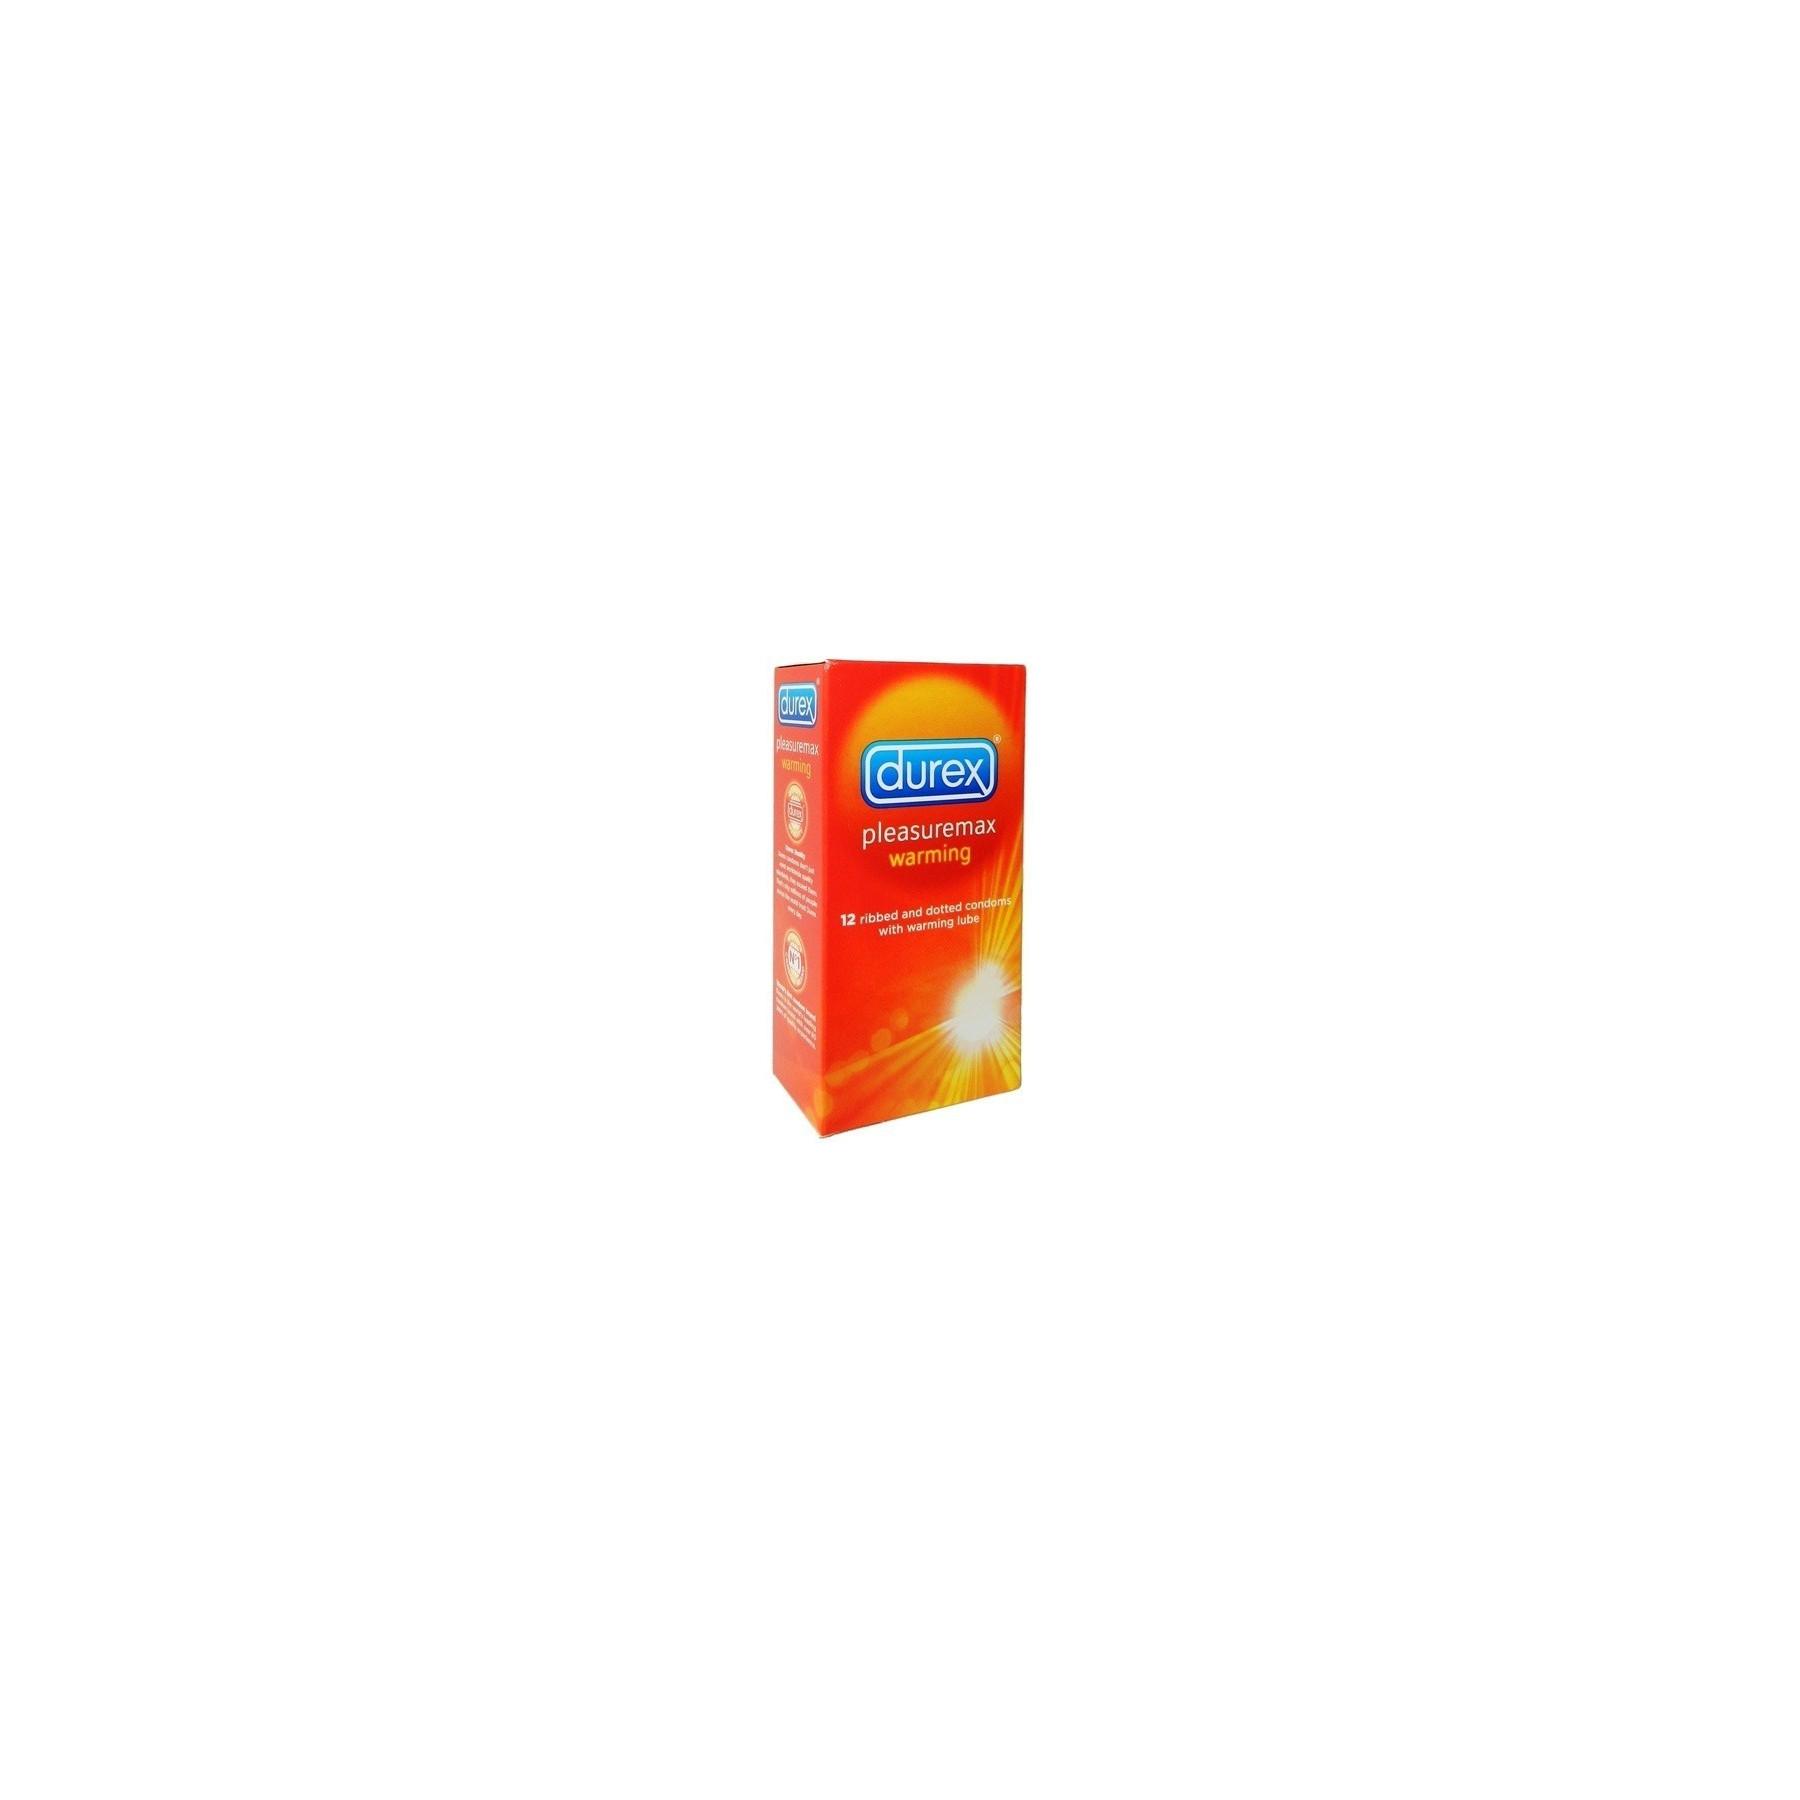 Preservativi Durex Pleasuremax Warming effetto calore